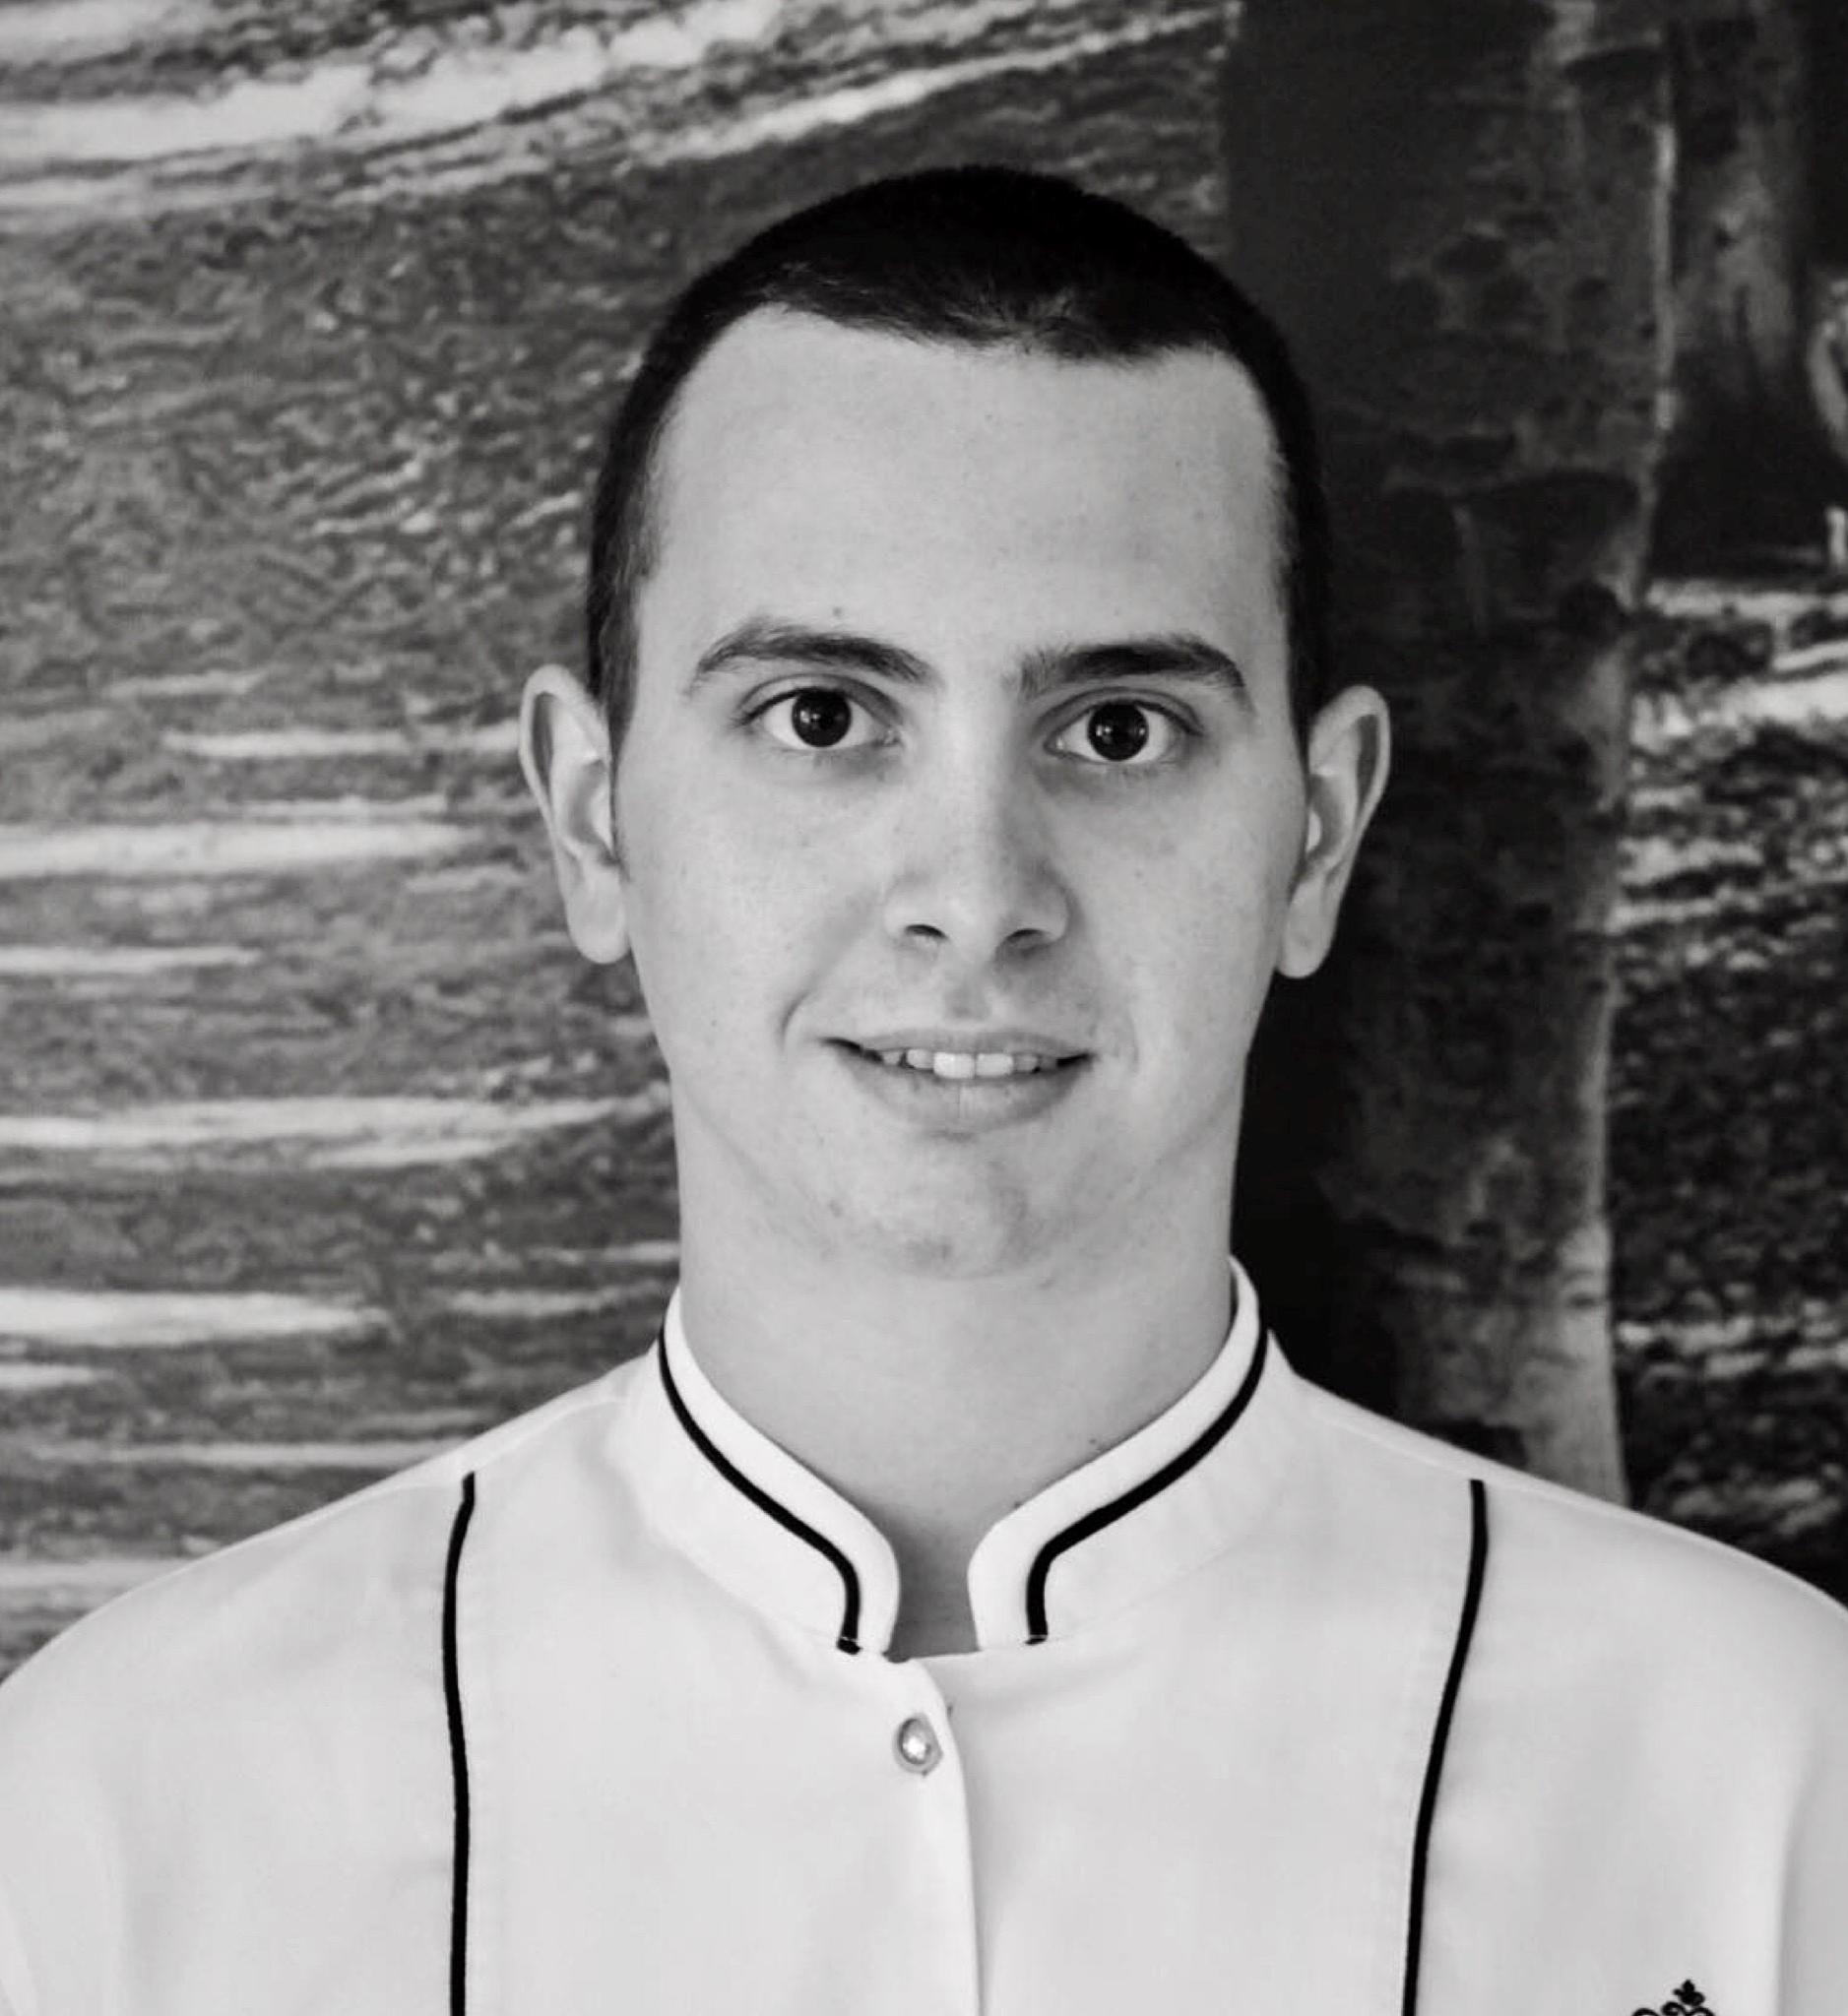 Chef Niyazi Gulec